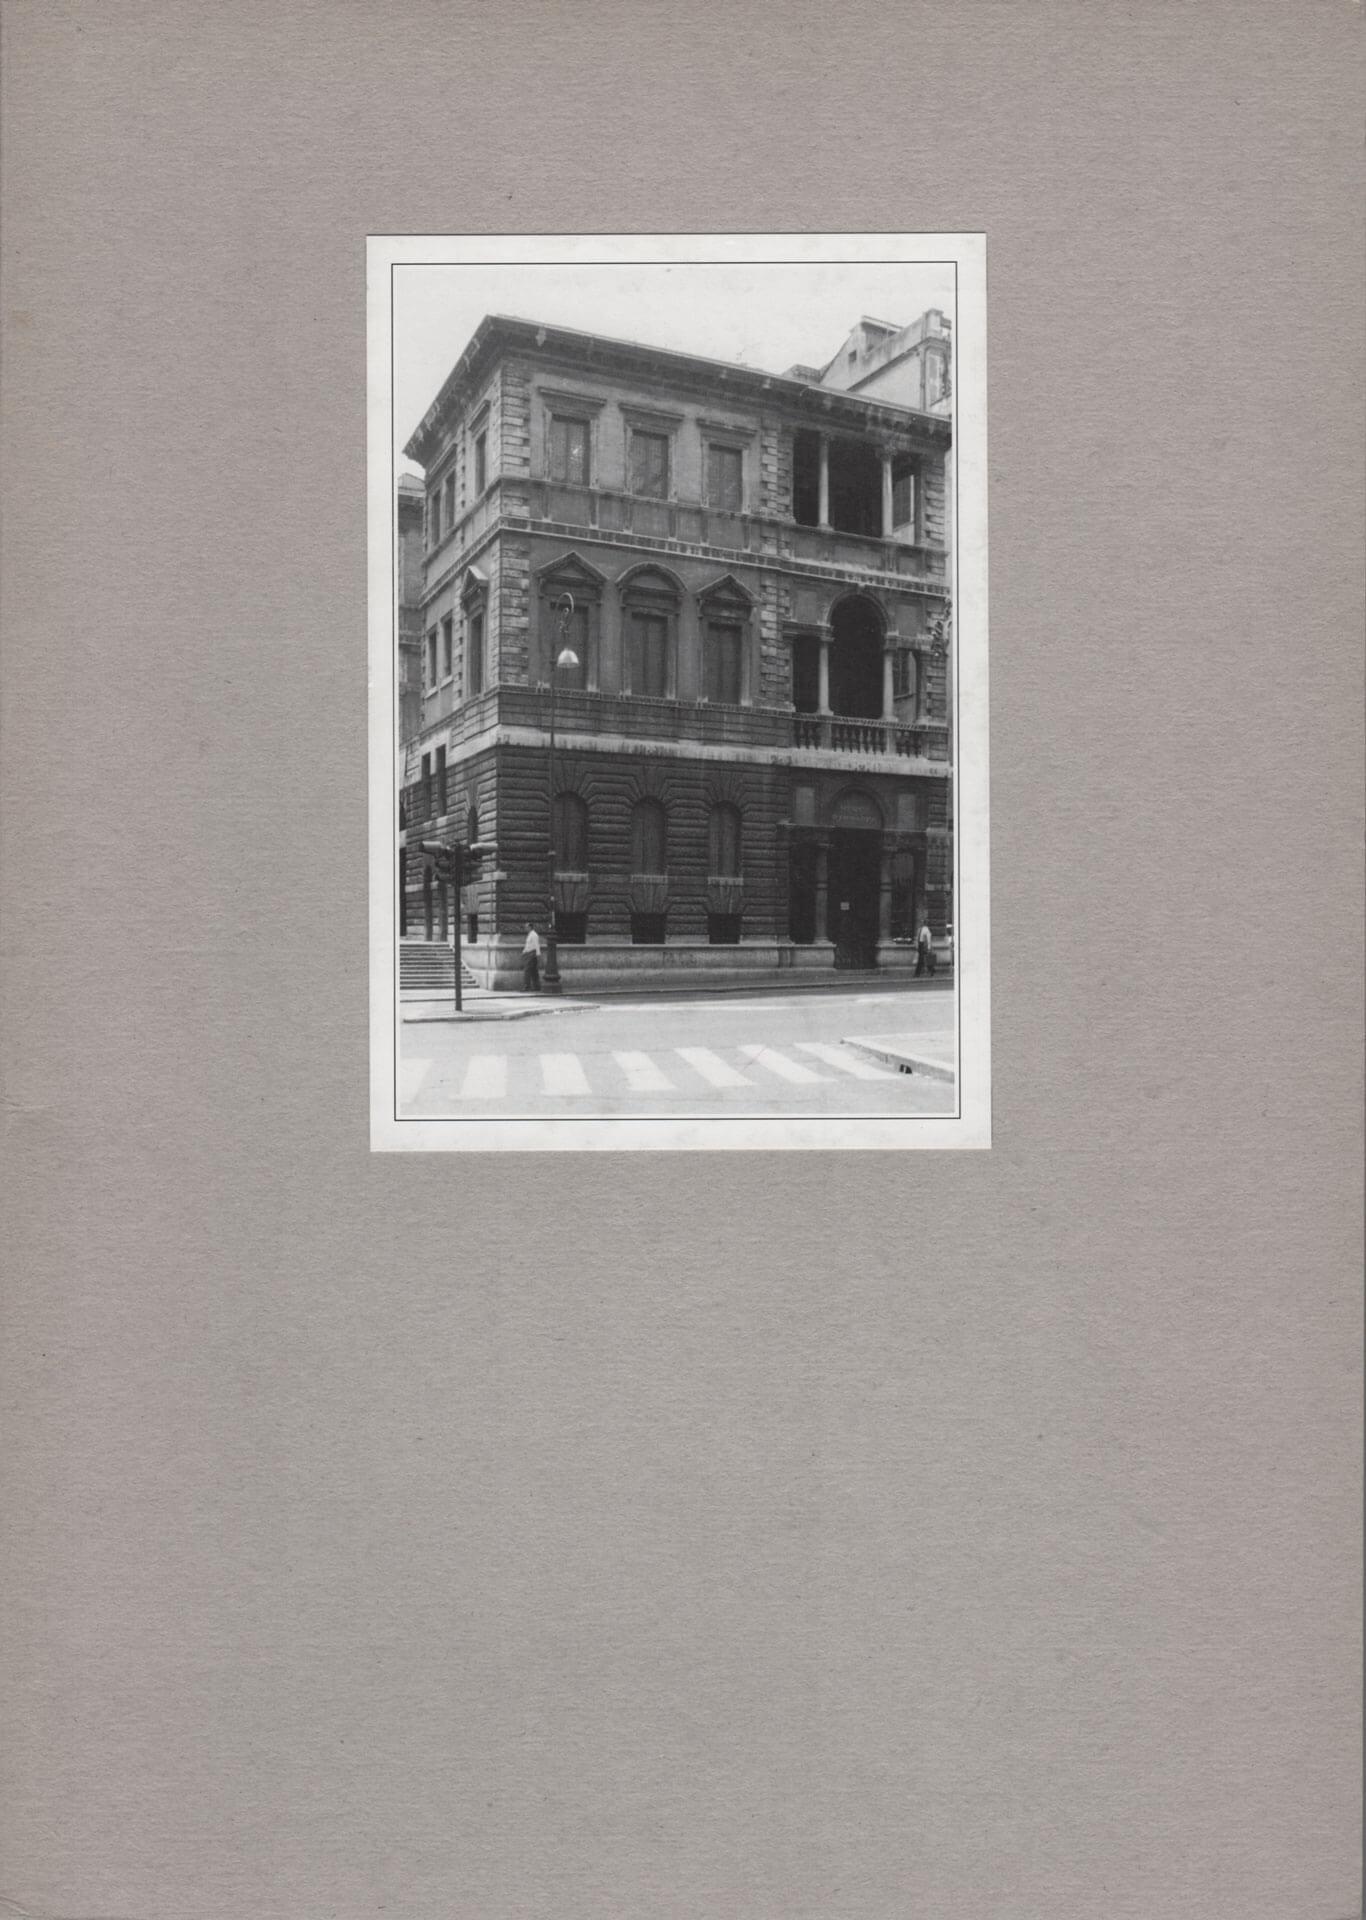 Studio Stefania Miscetti | Catalogues | Paolo Canevari | Projected artists - Obiettivo: Roma II/V | Mostro